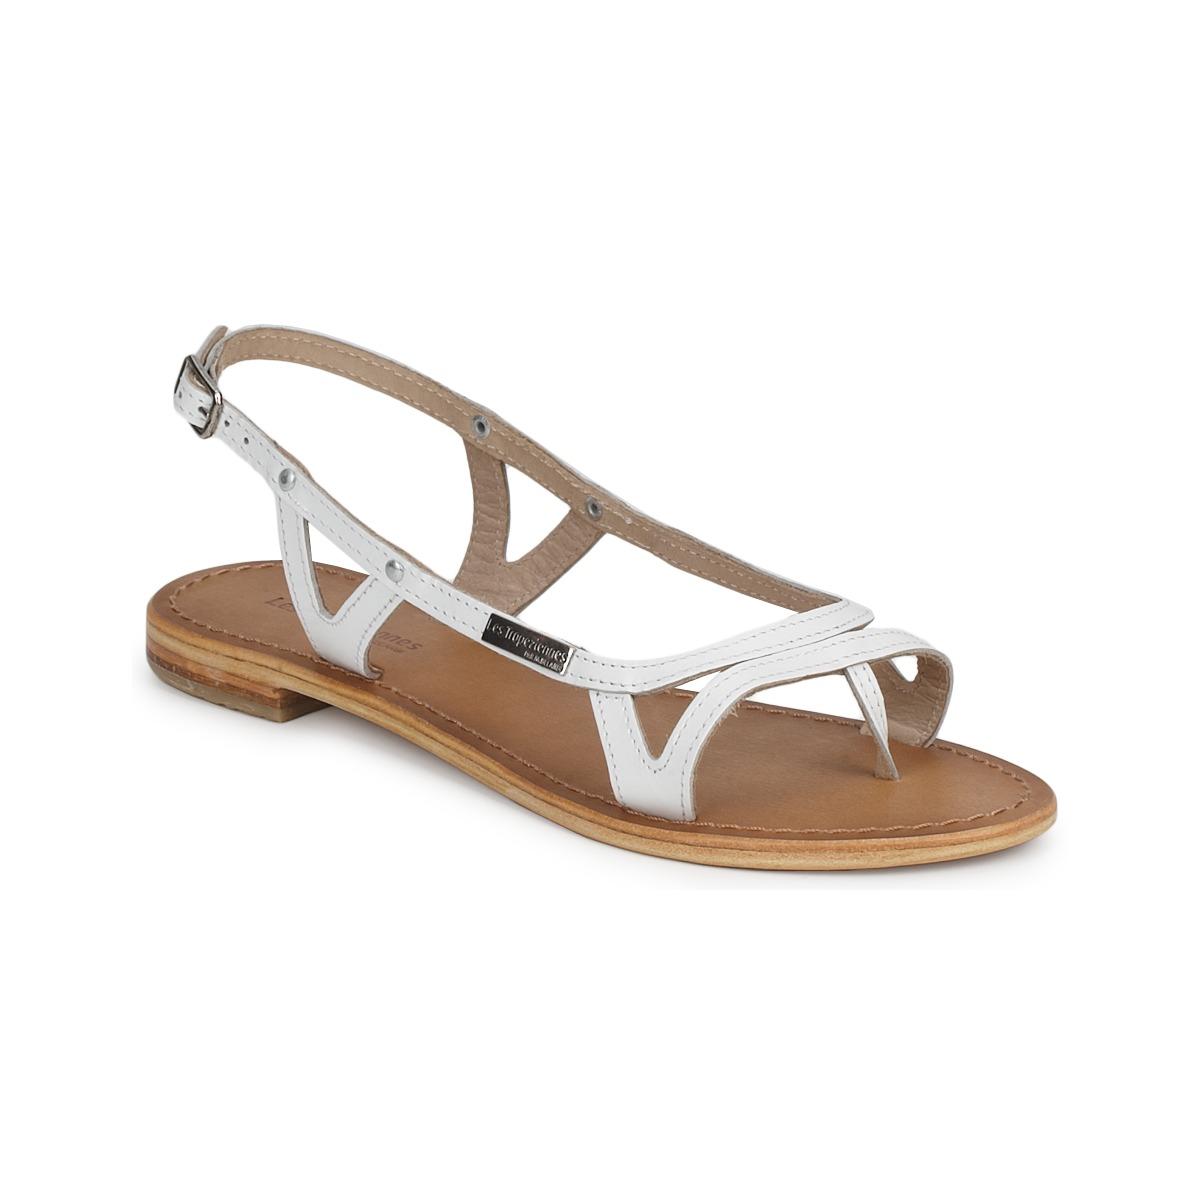 sandale les trop ziennes par m belarbi isatis blanc chaussure pas cher avec. Black Bedroom Furniture Sets. Home Design Ideas